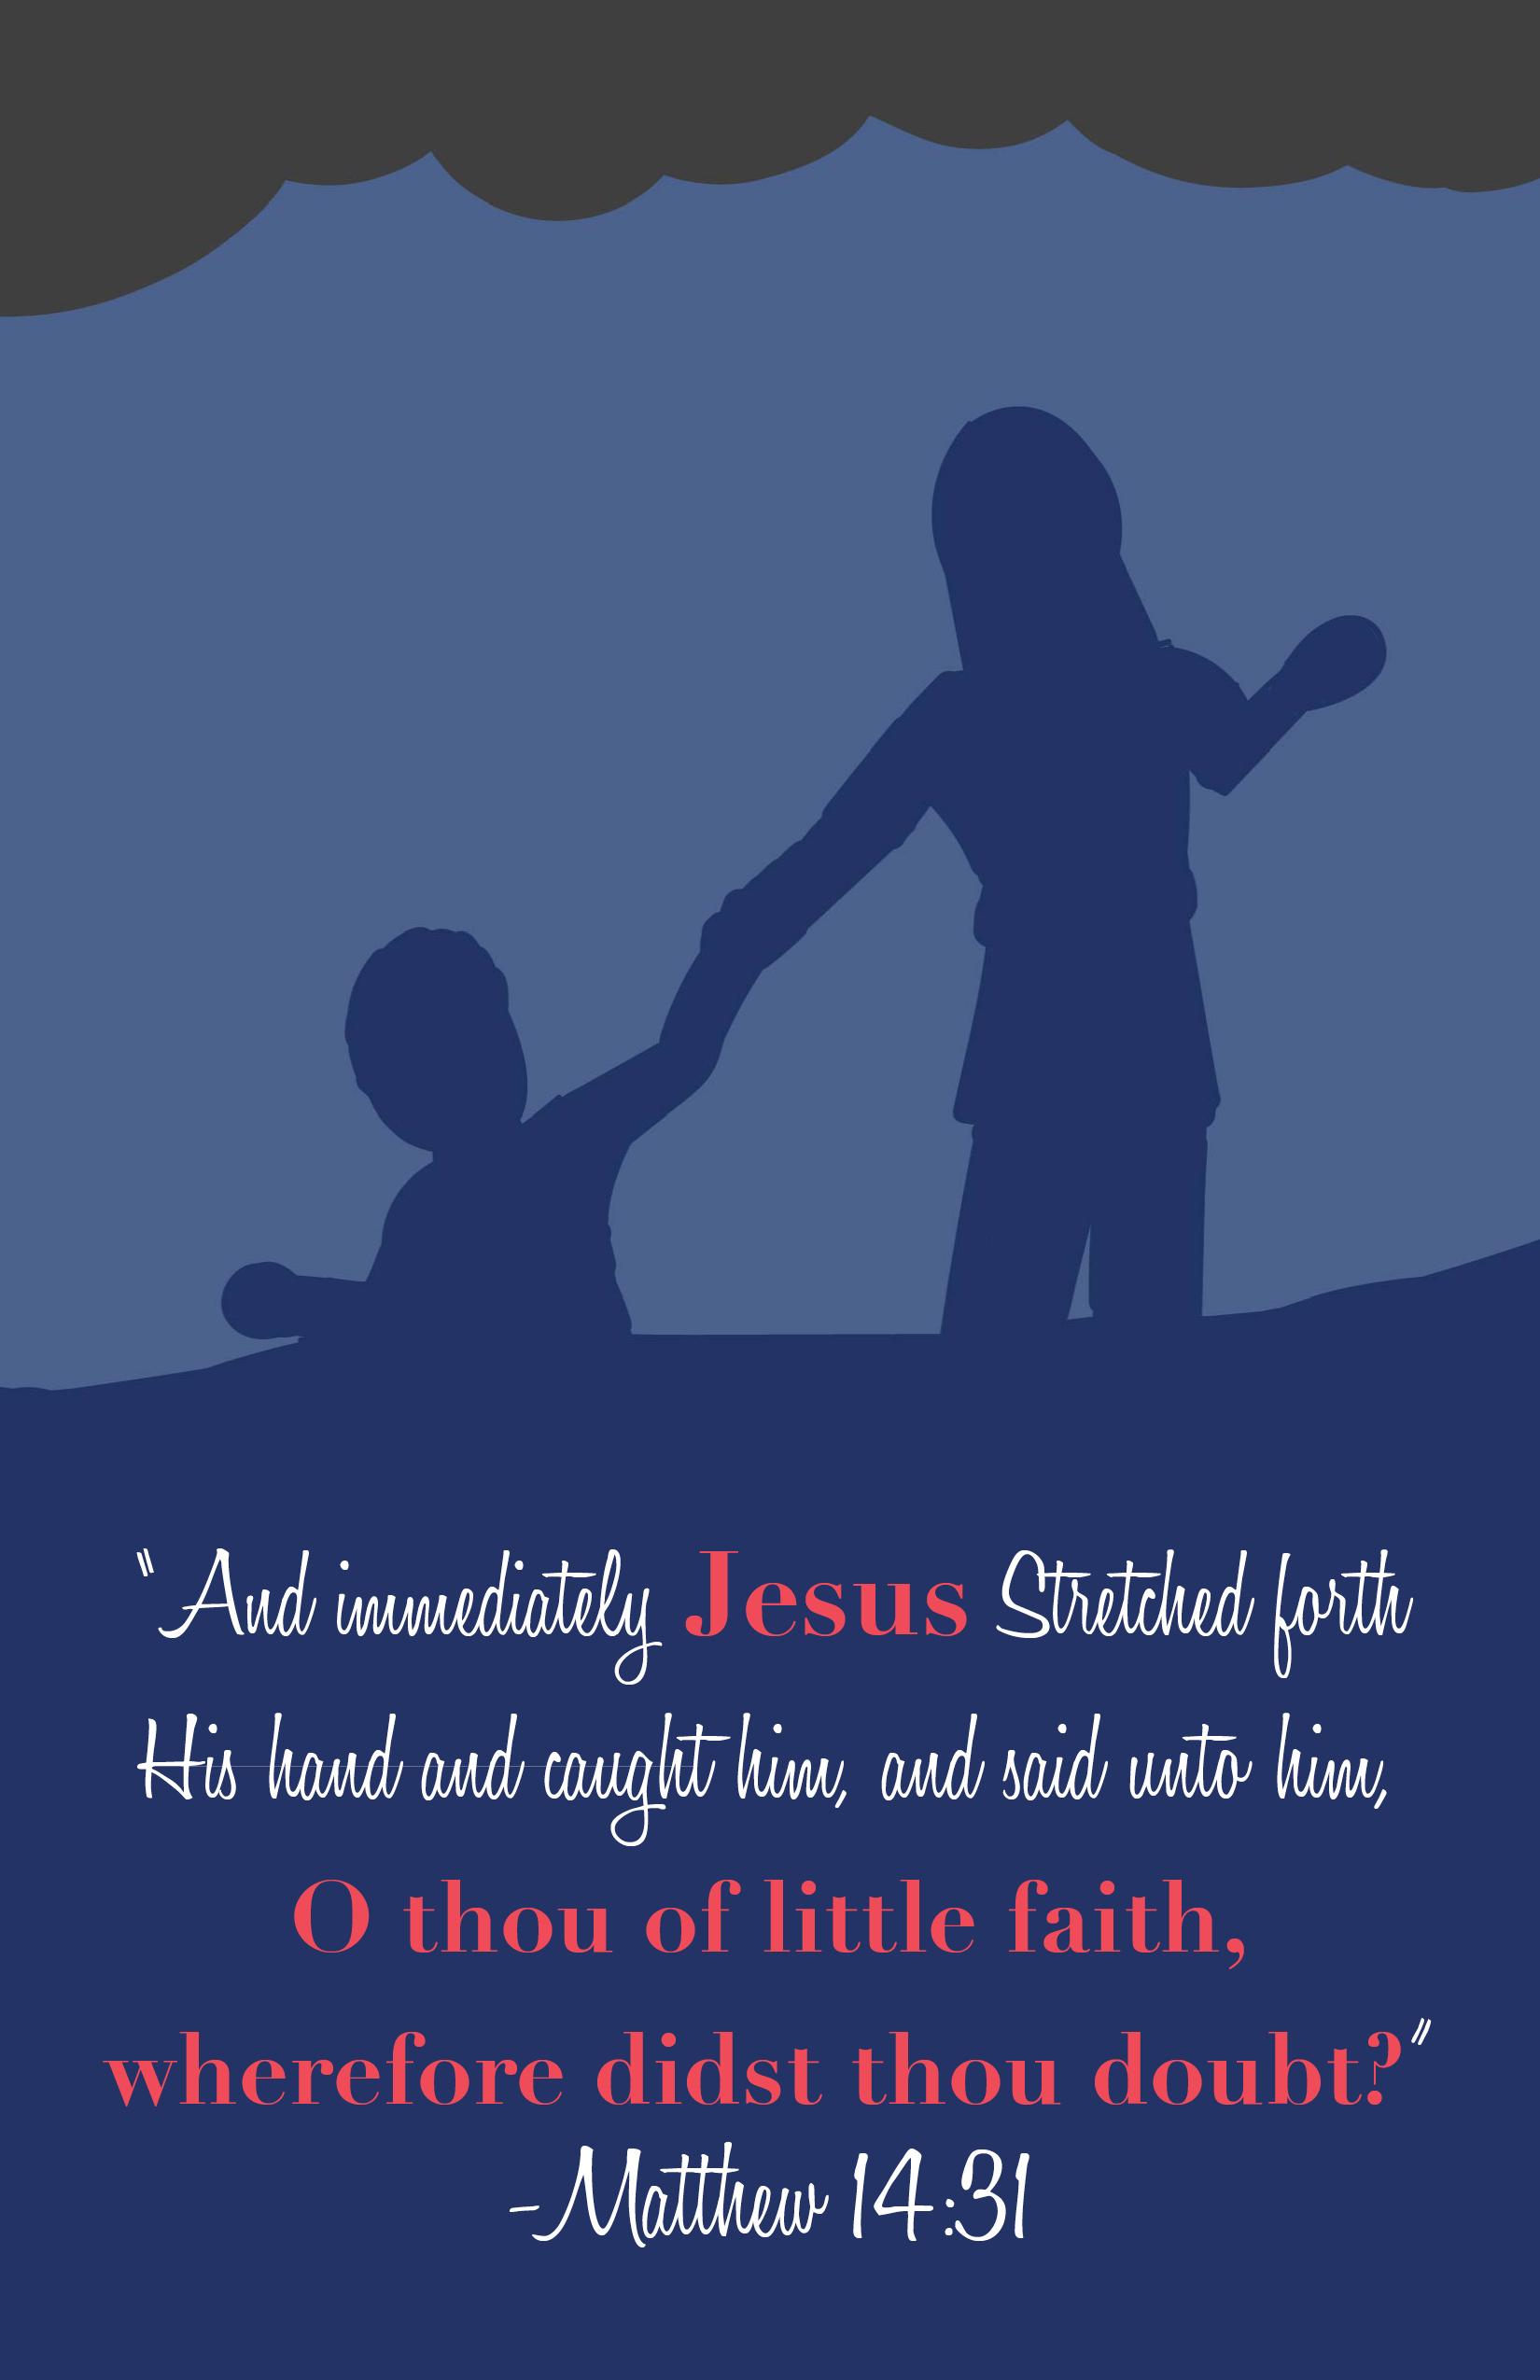 Matthew 14-31 Verse Poster.jpg